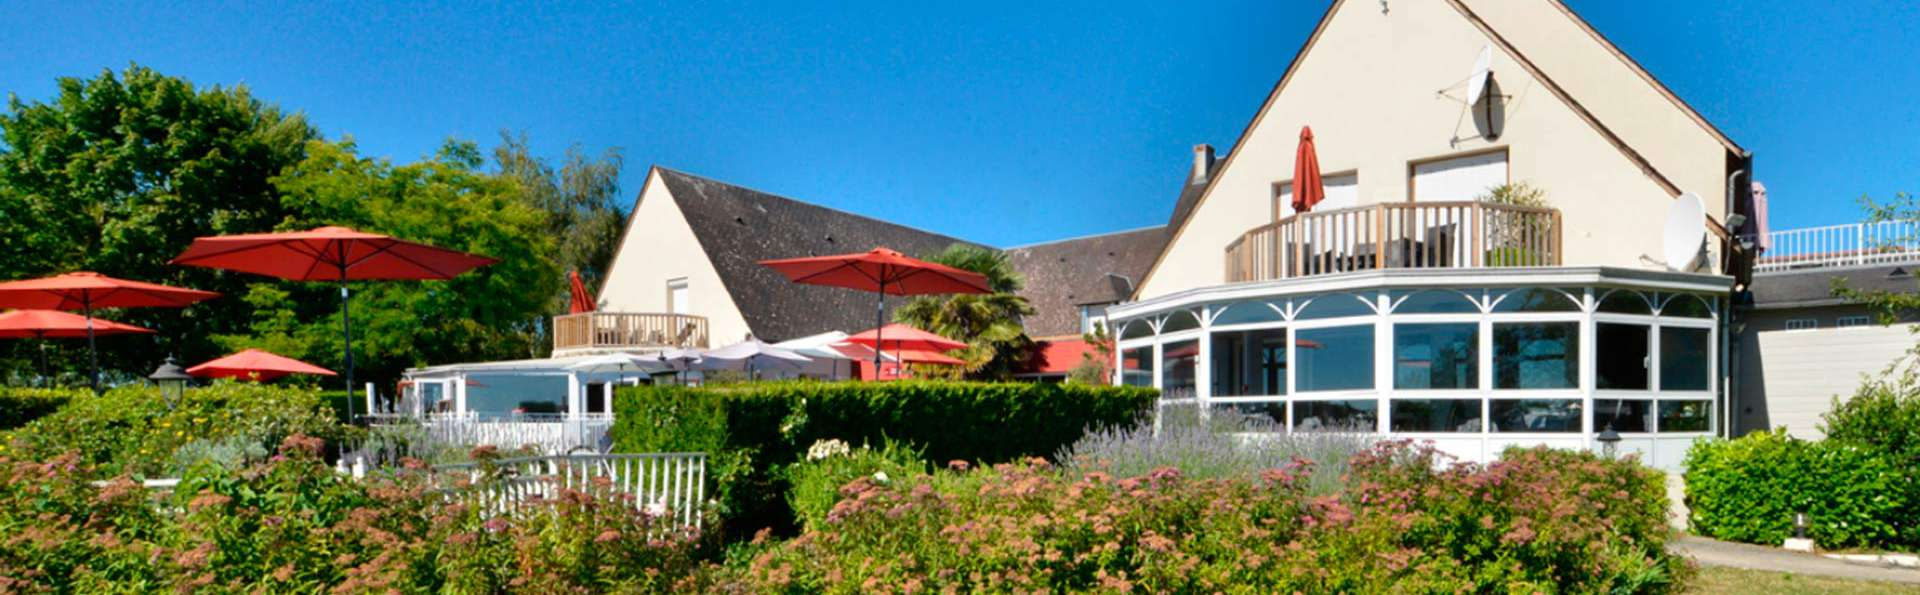 Les Terrasses de Saumur - EDIT_front.jpg